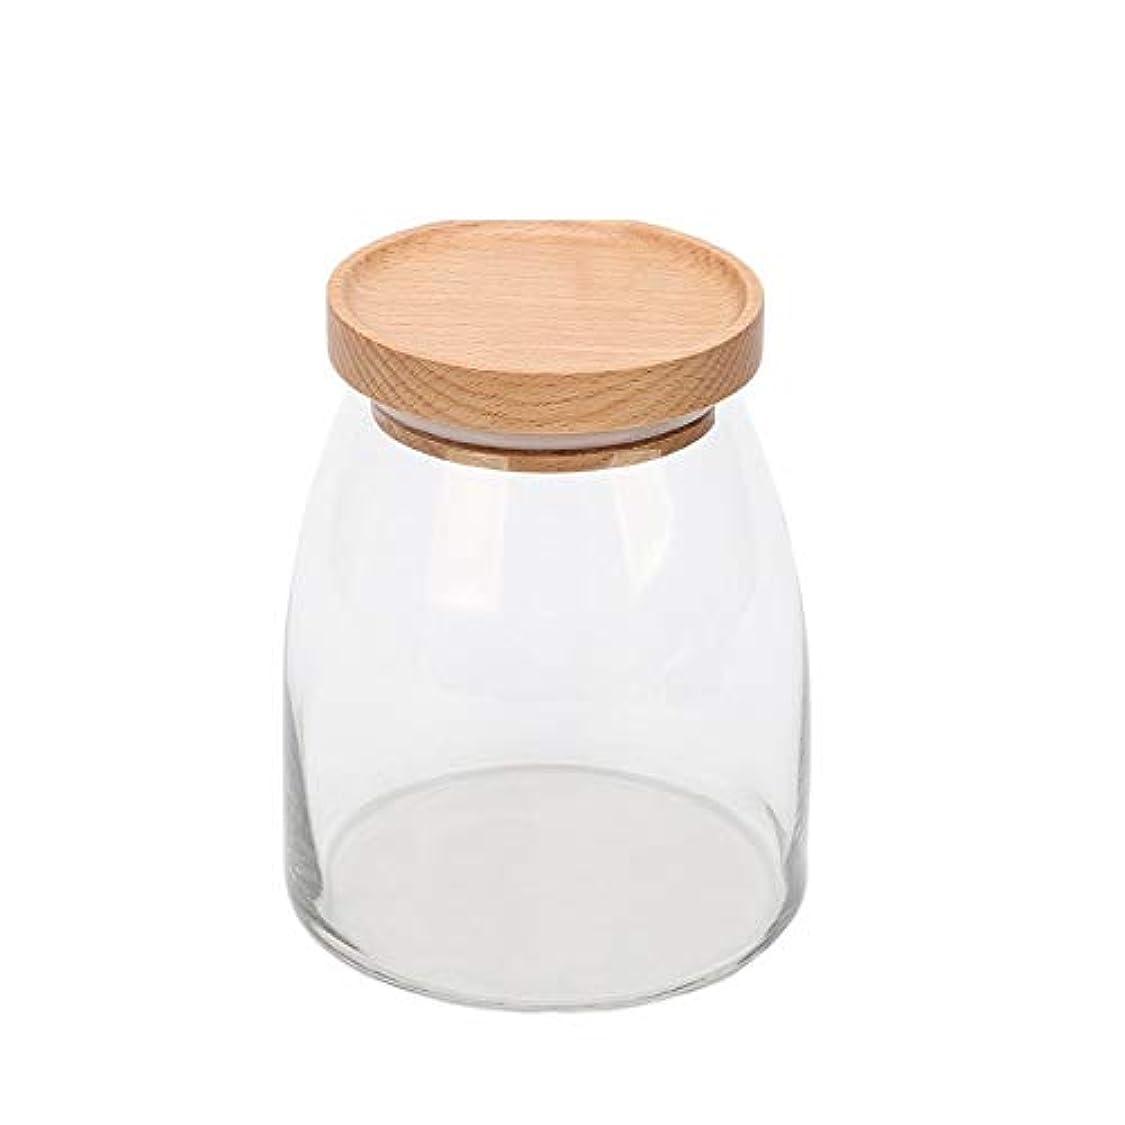 代理店船形言語学貯蔵タンク、透明ガラス貯蔵タンク、家庭用食品、茶瓶